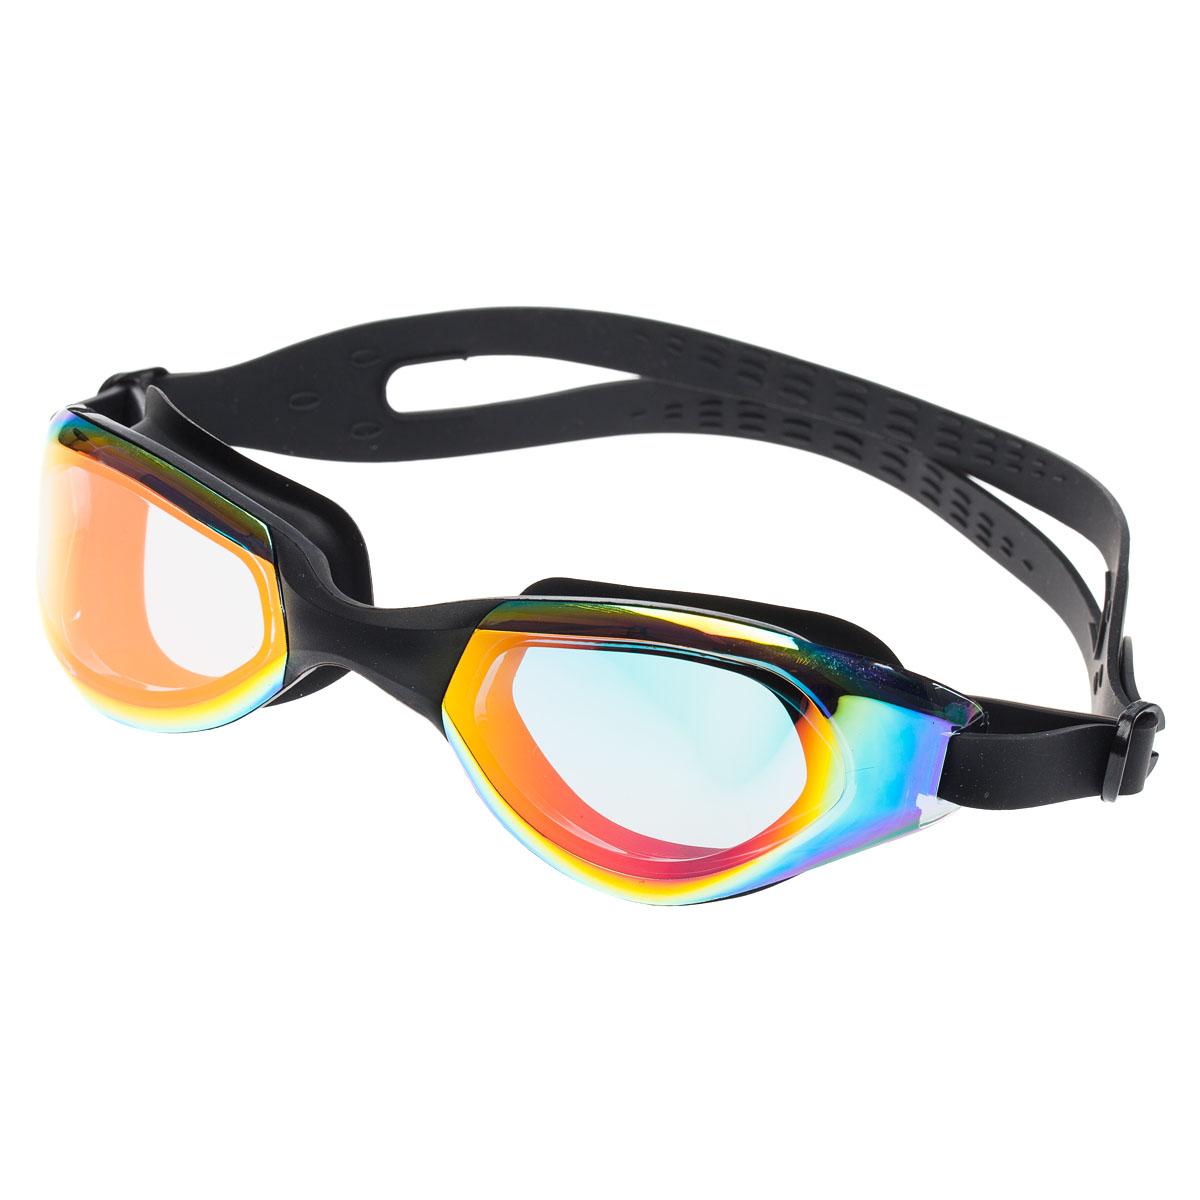 Очки для плавания Overcome, op-17 цена и фото